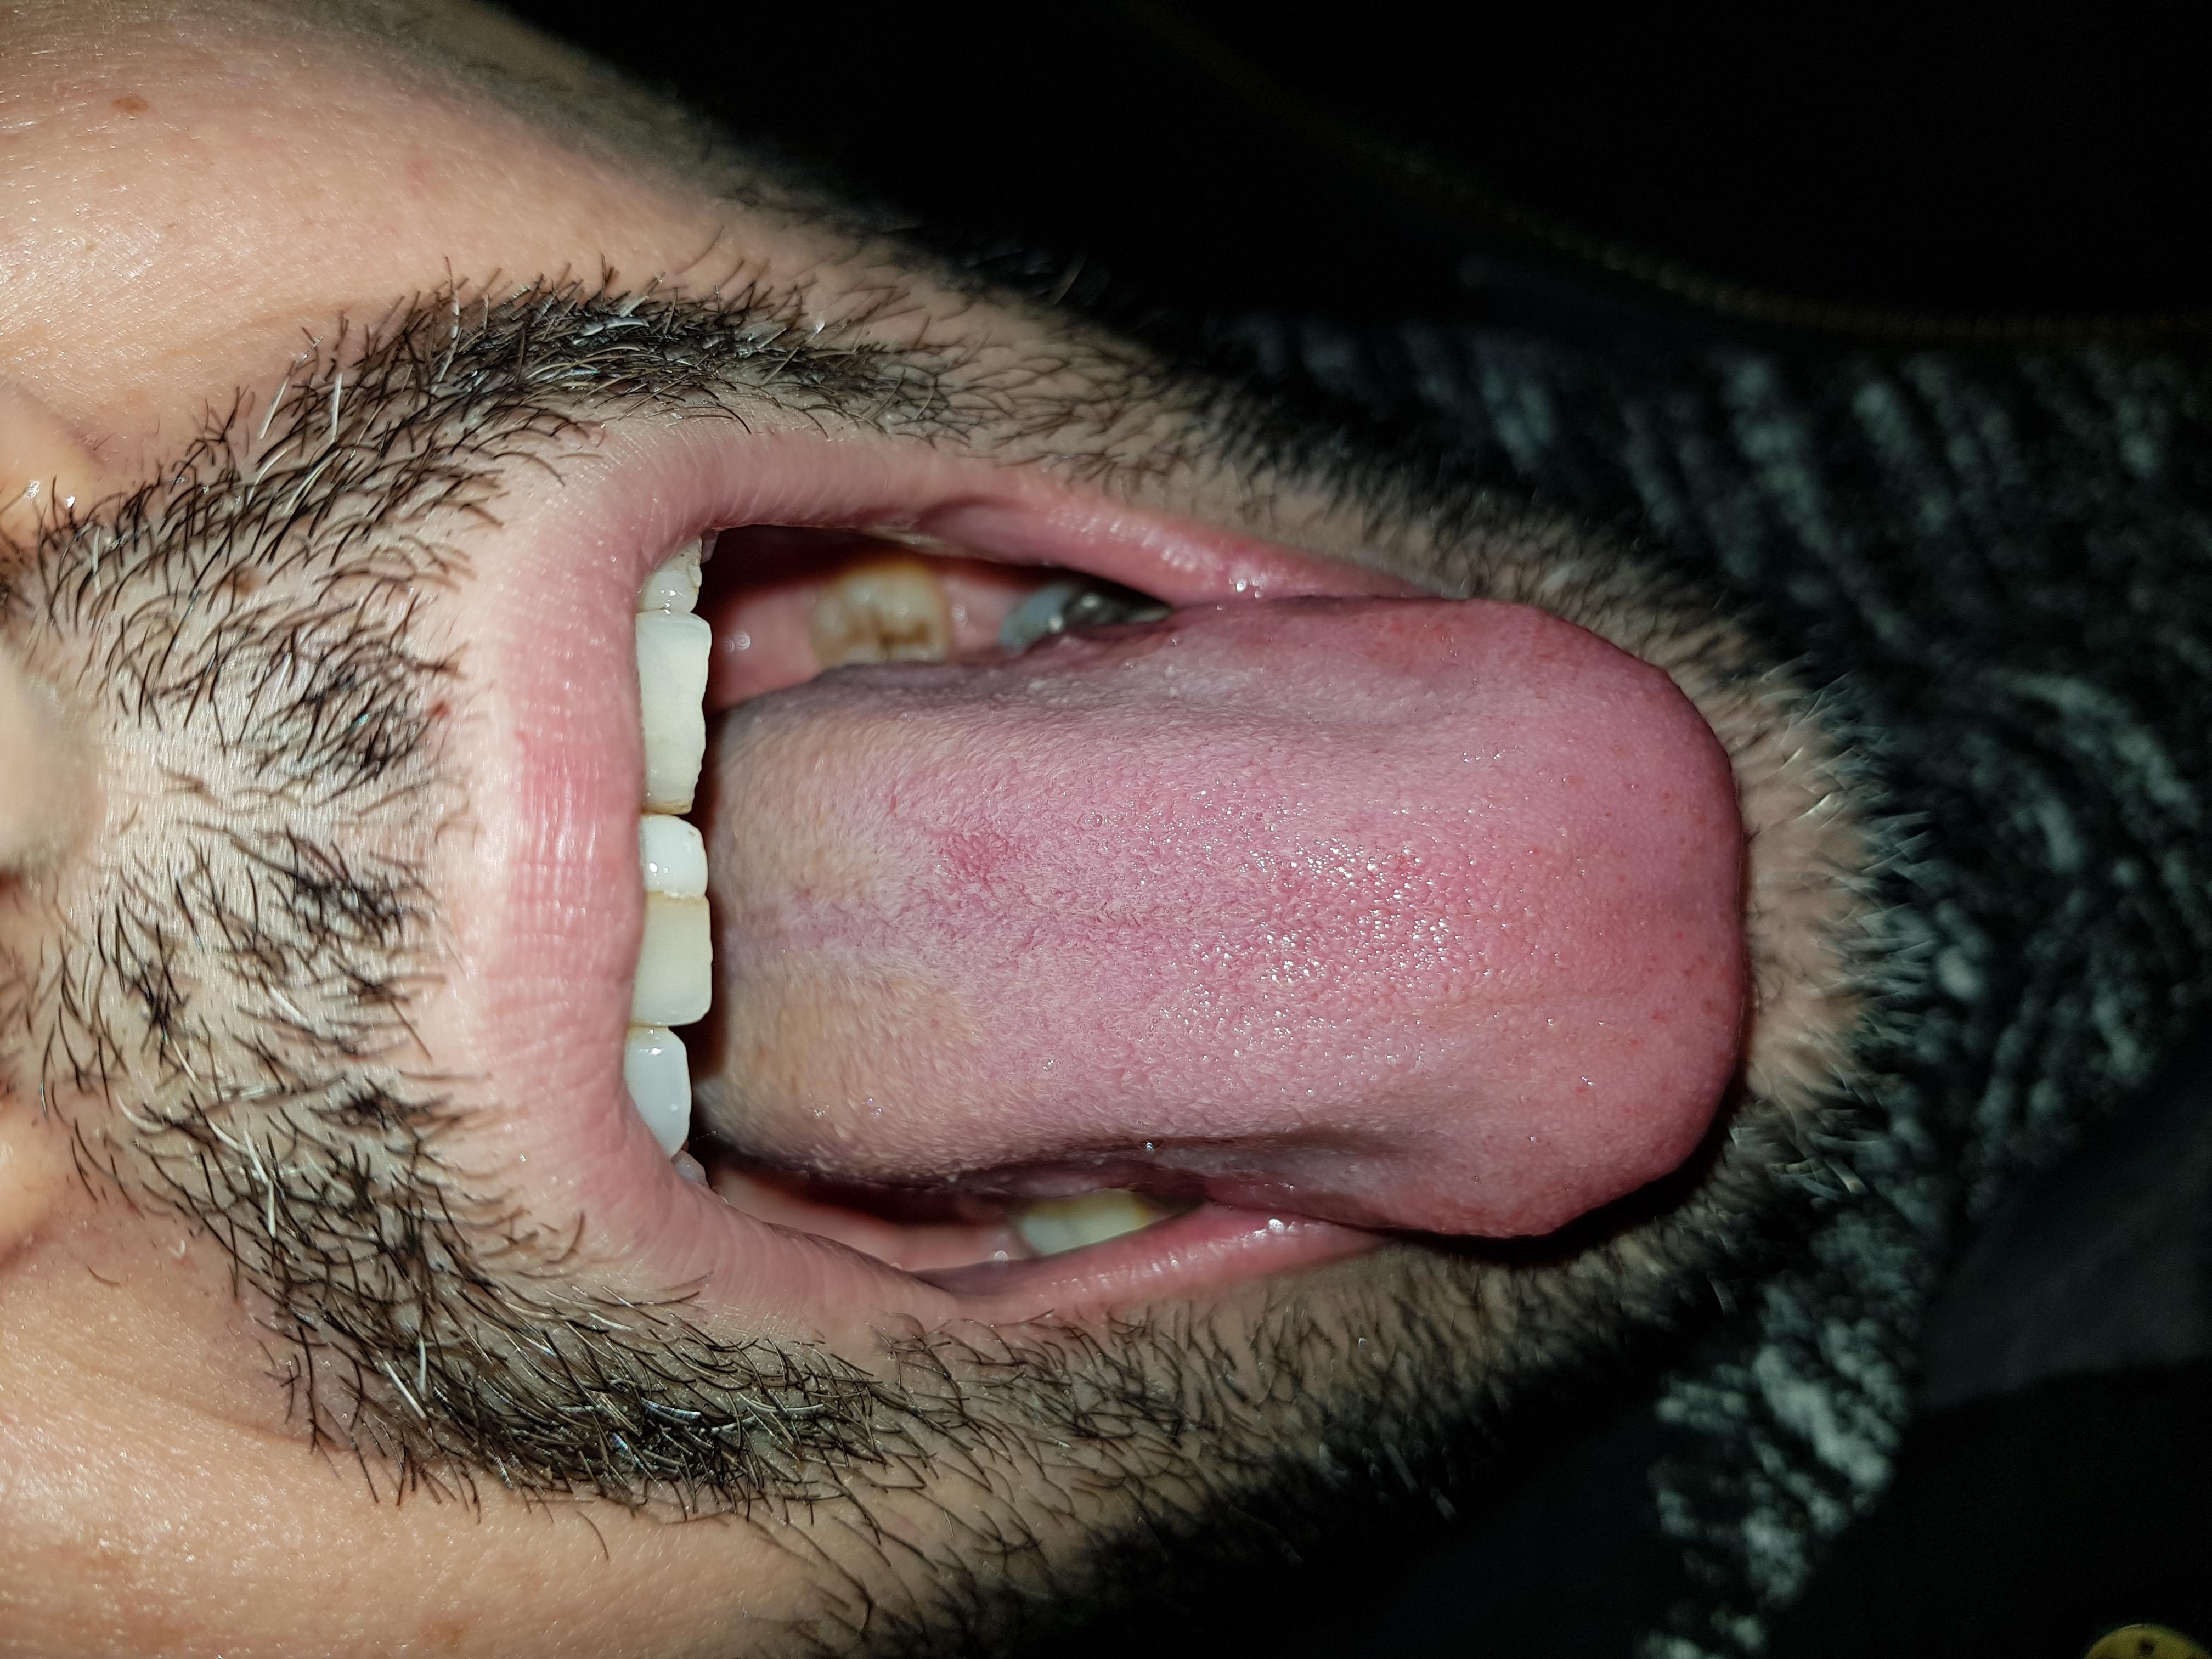 Potrebbe essere un infezione funghina tipo candida?